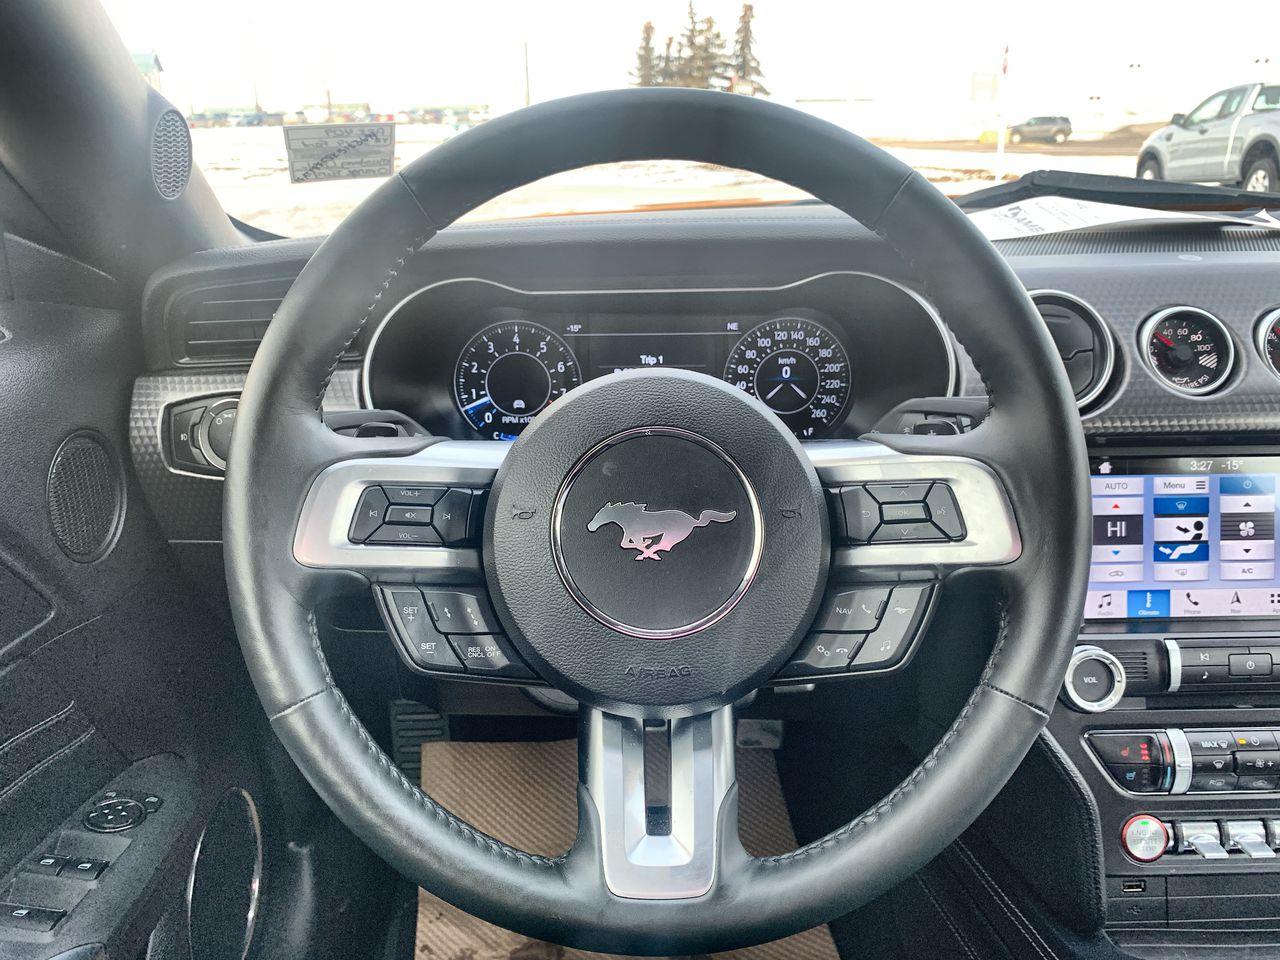 2019 Ford Mustang 2 Door Car